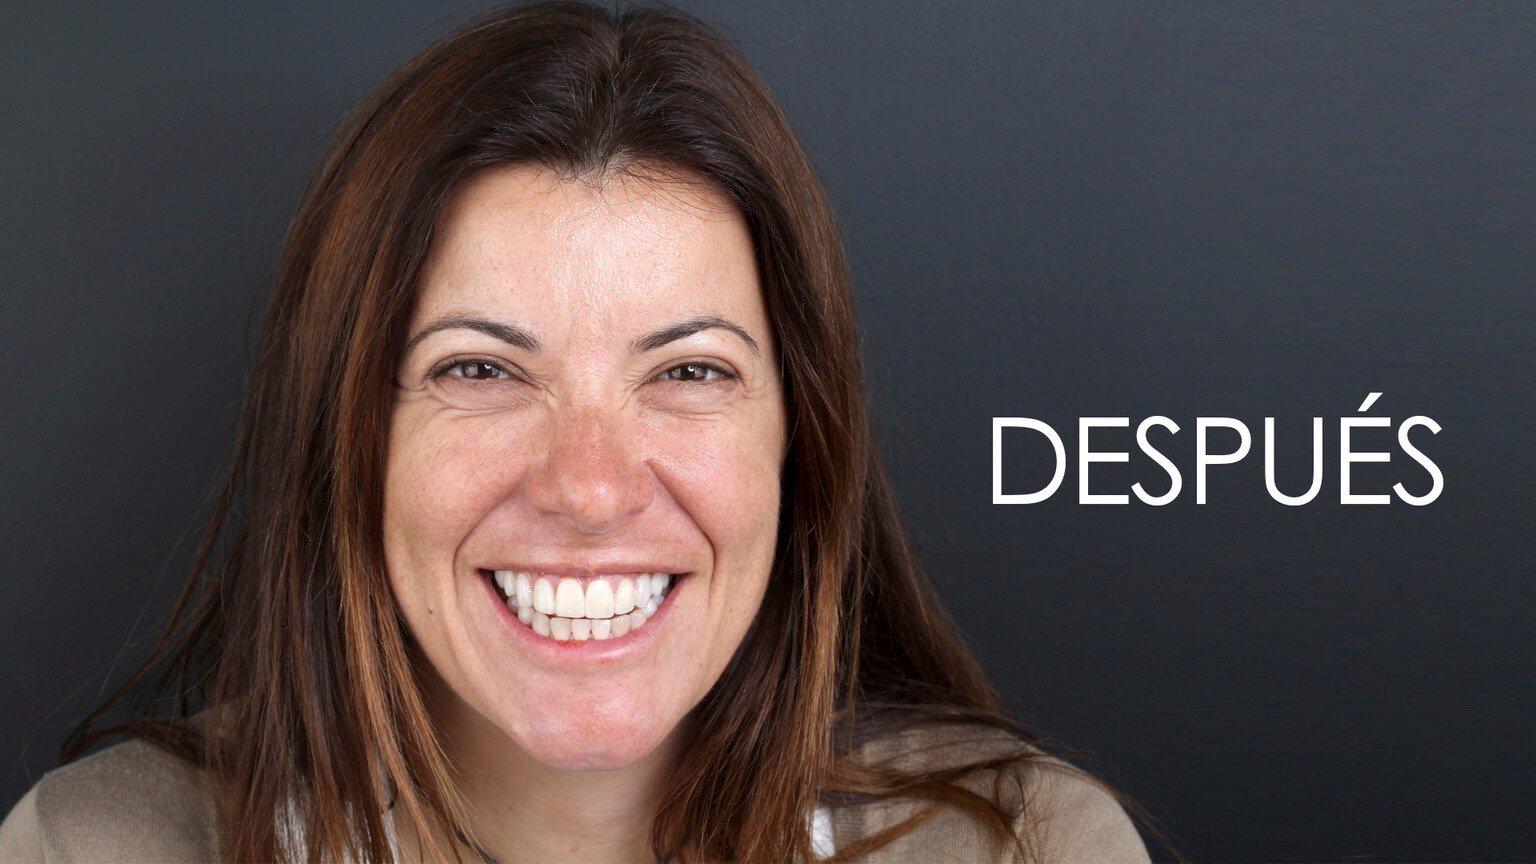 Después del estudio de estética dental y el tratamiento de ortodoncia